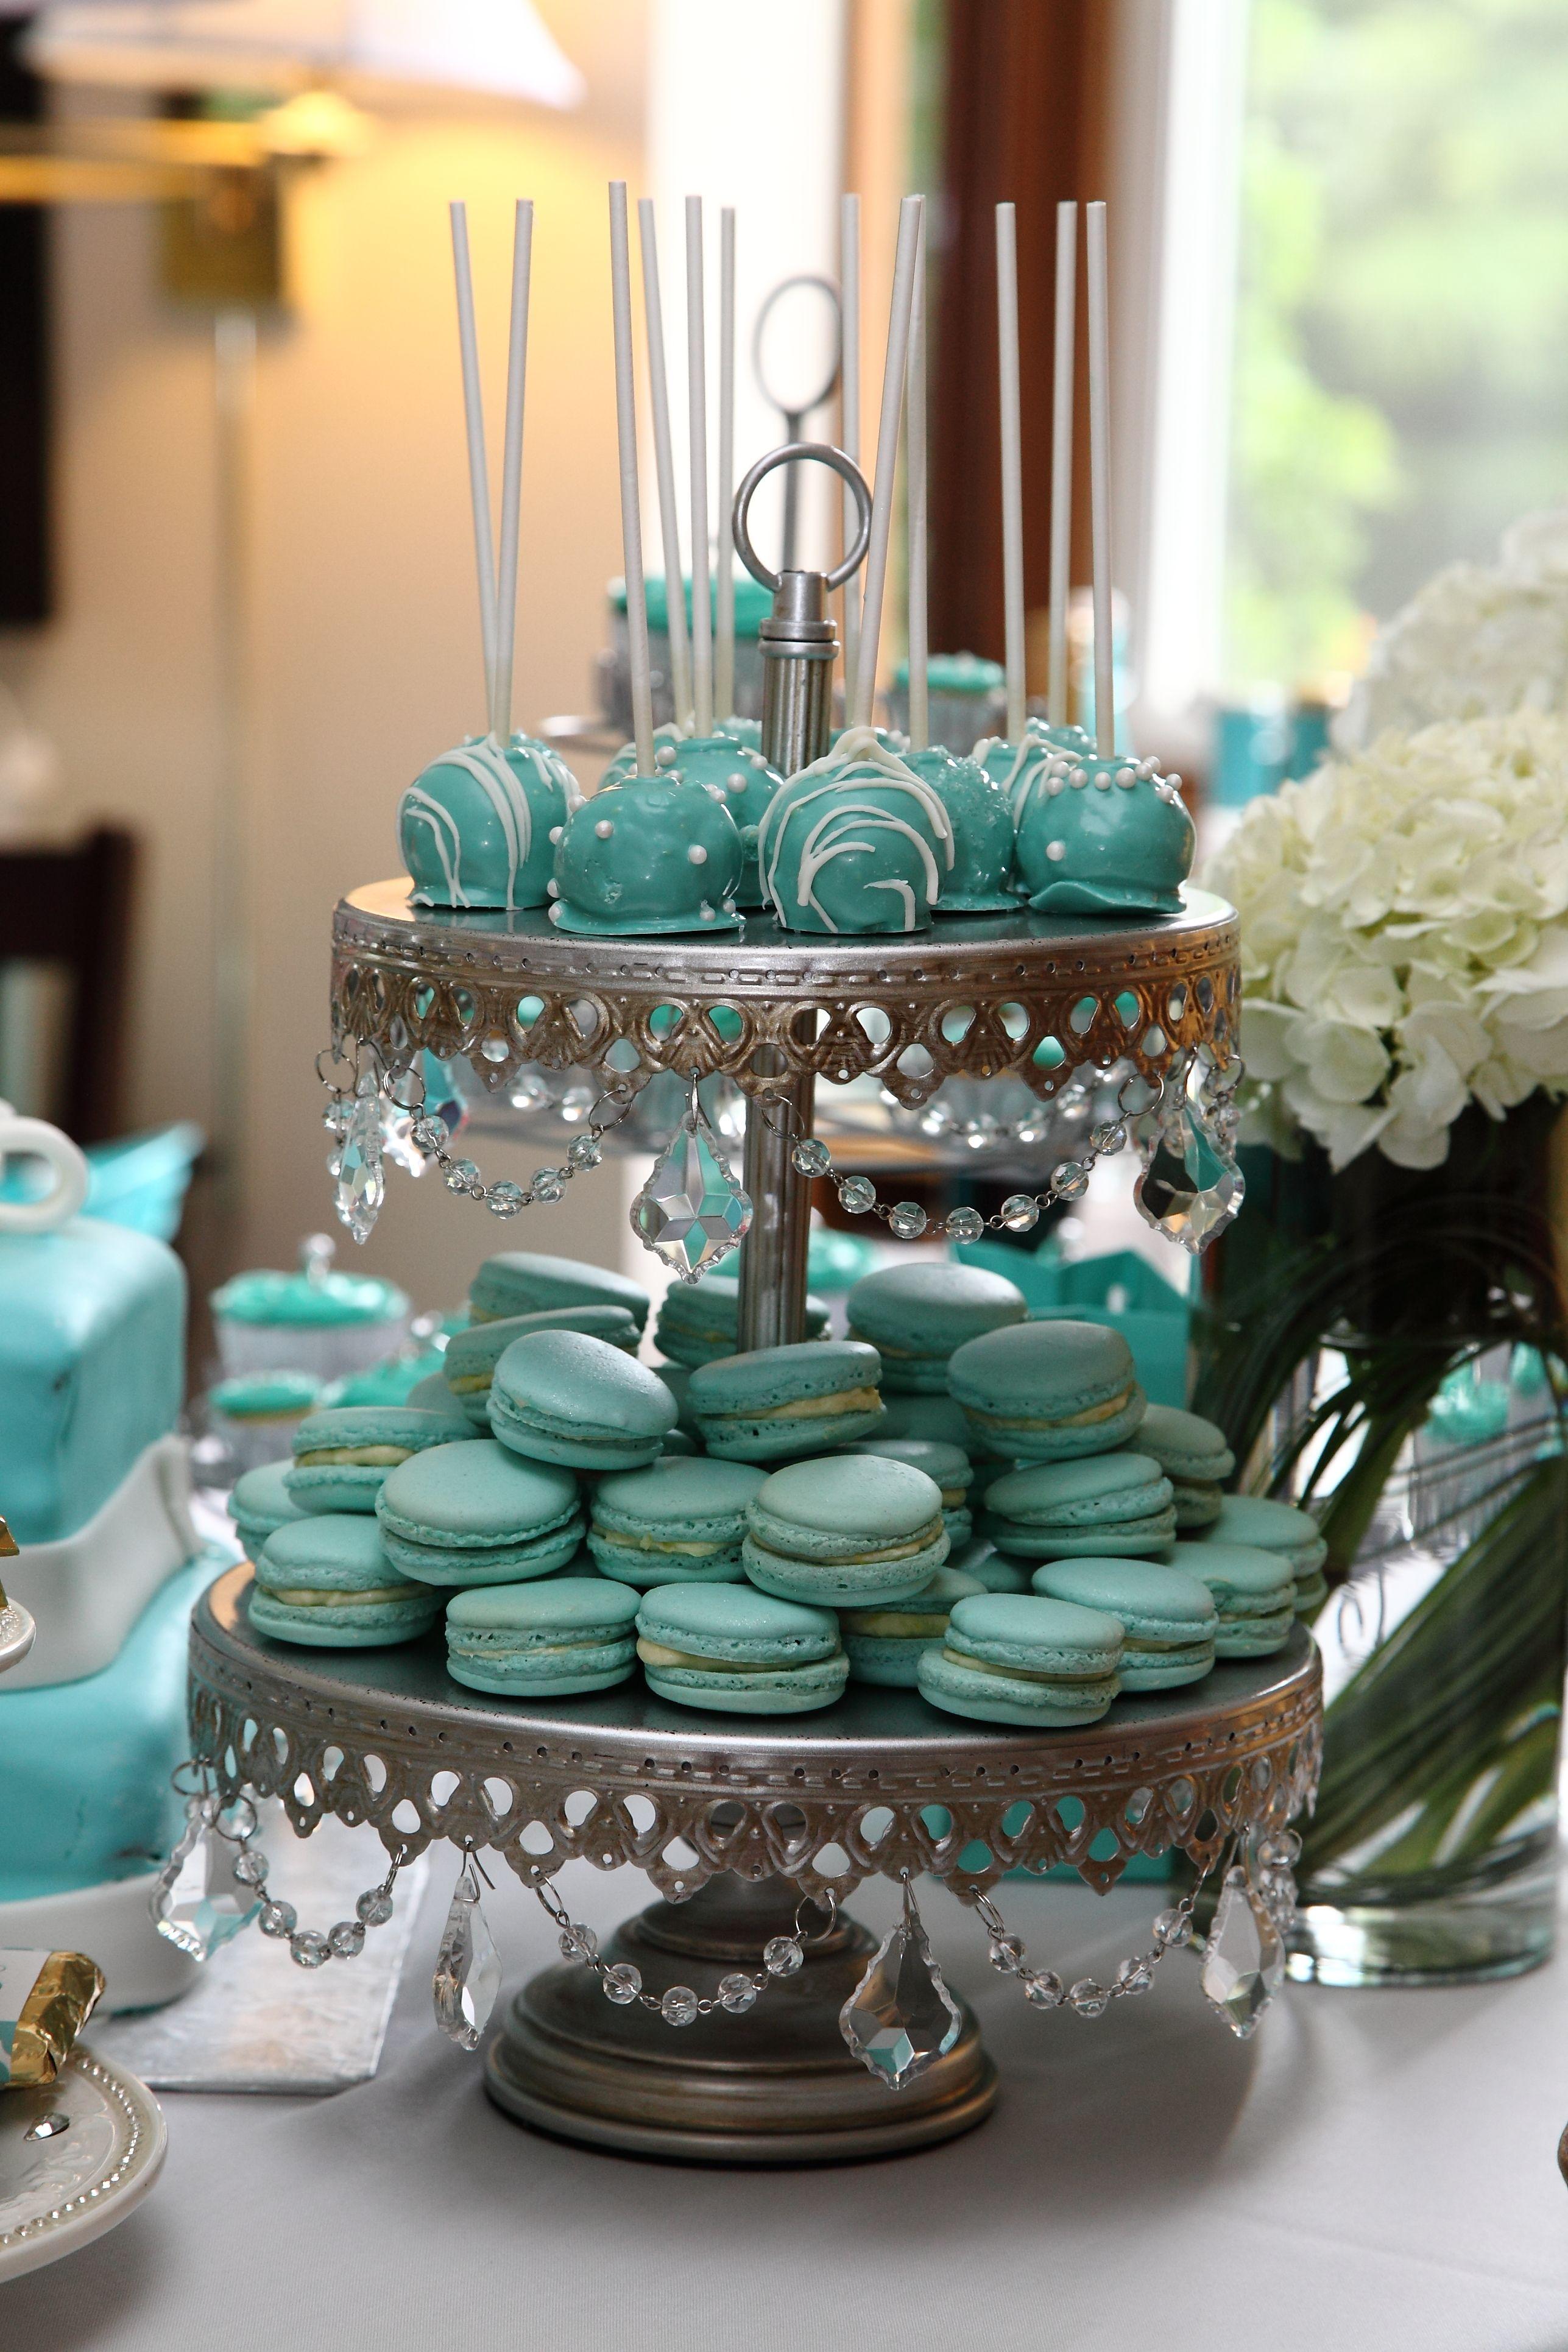 Tiffany Heart Bracelet >> Tiffany Blue cake pops and macaroons! | Tiffany Blue ...